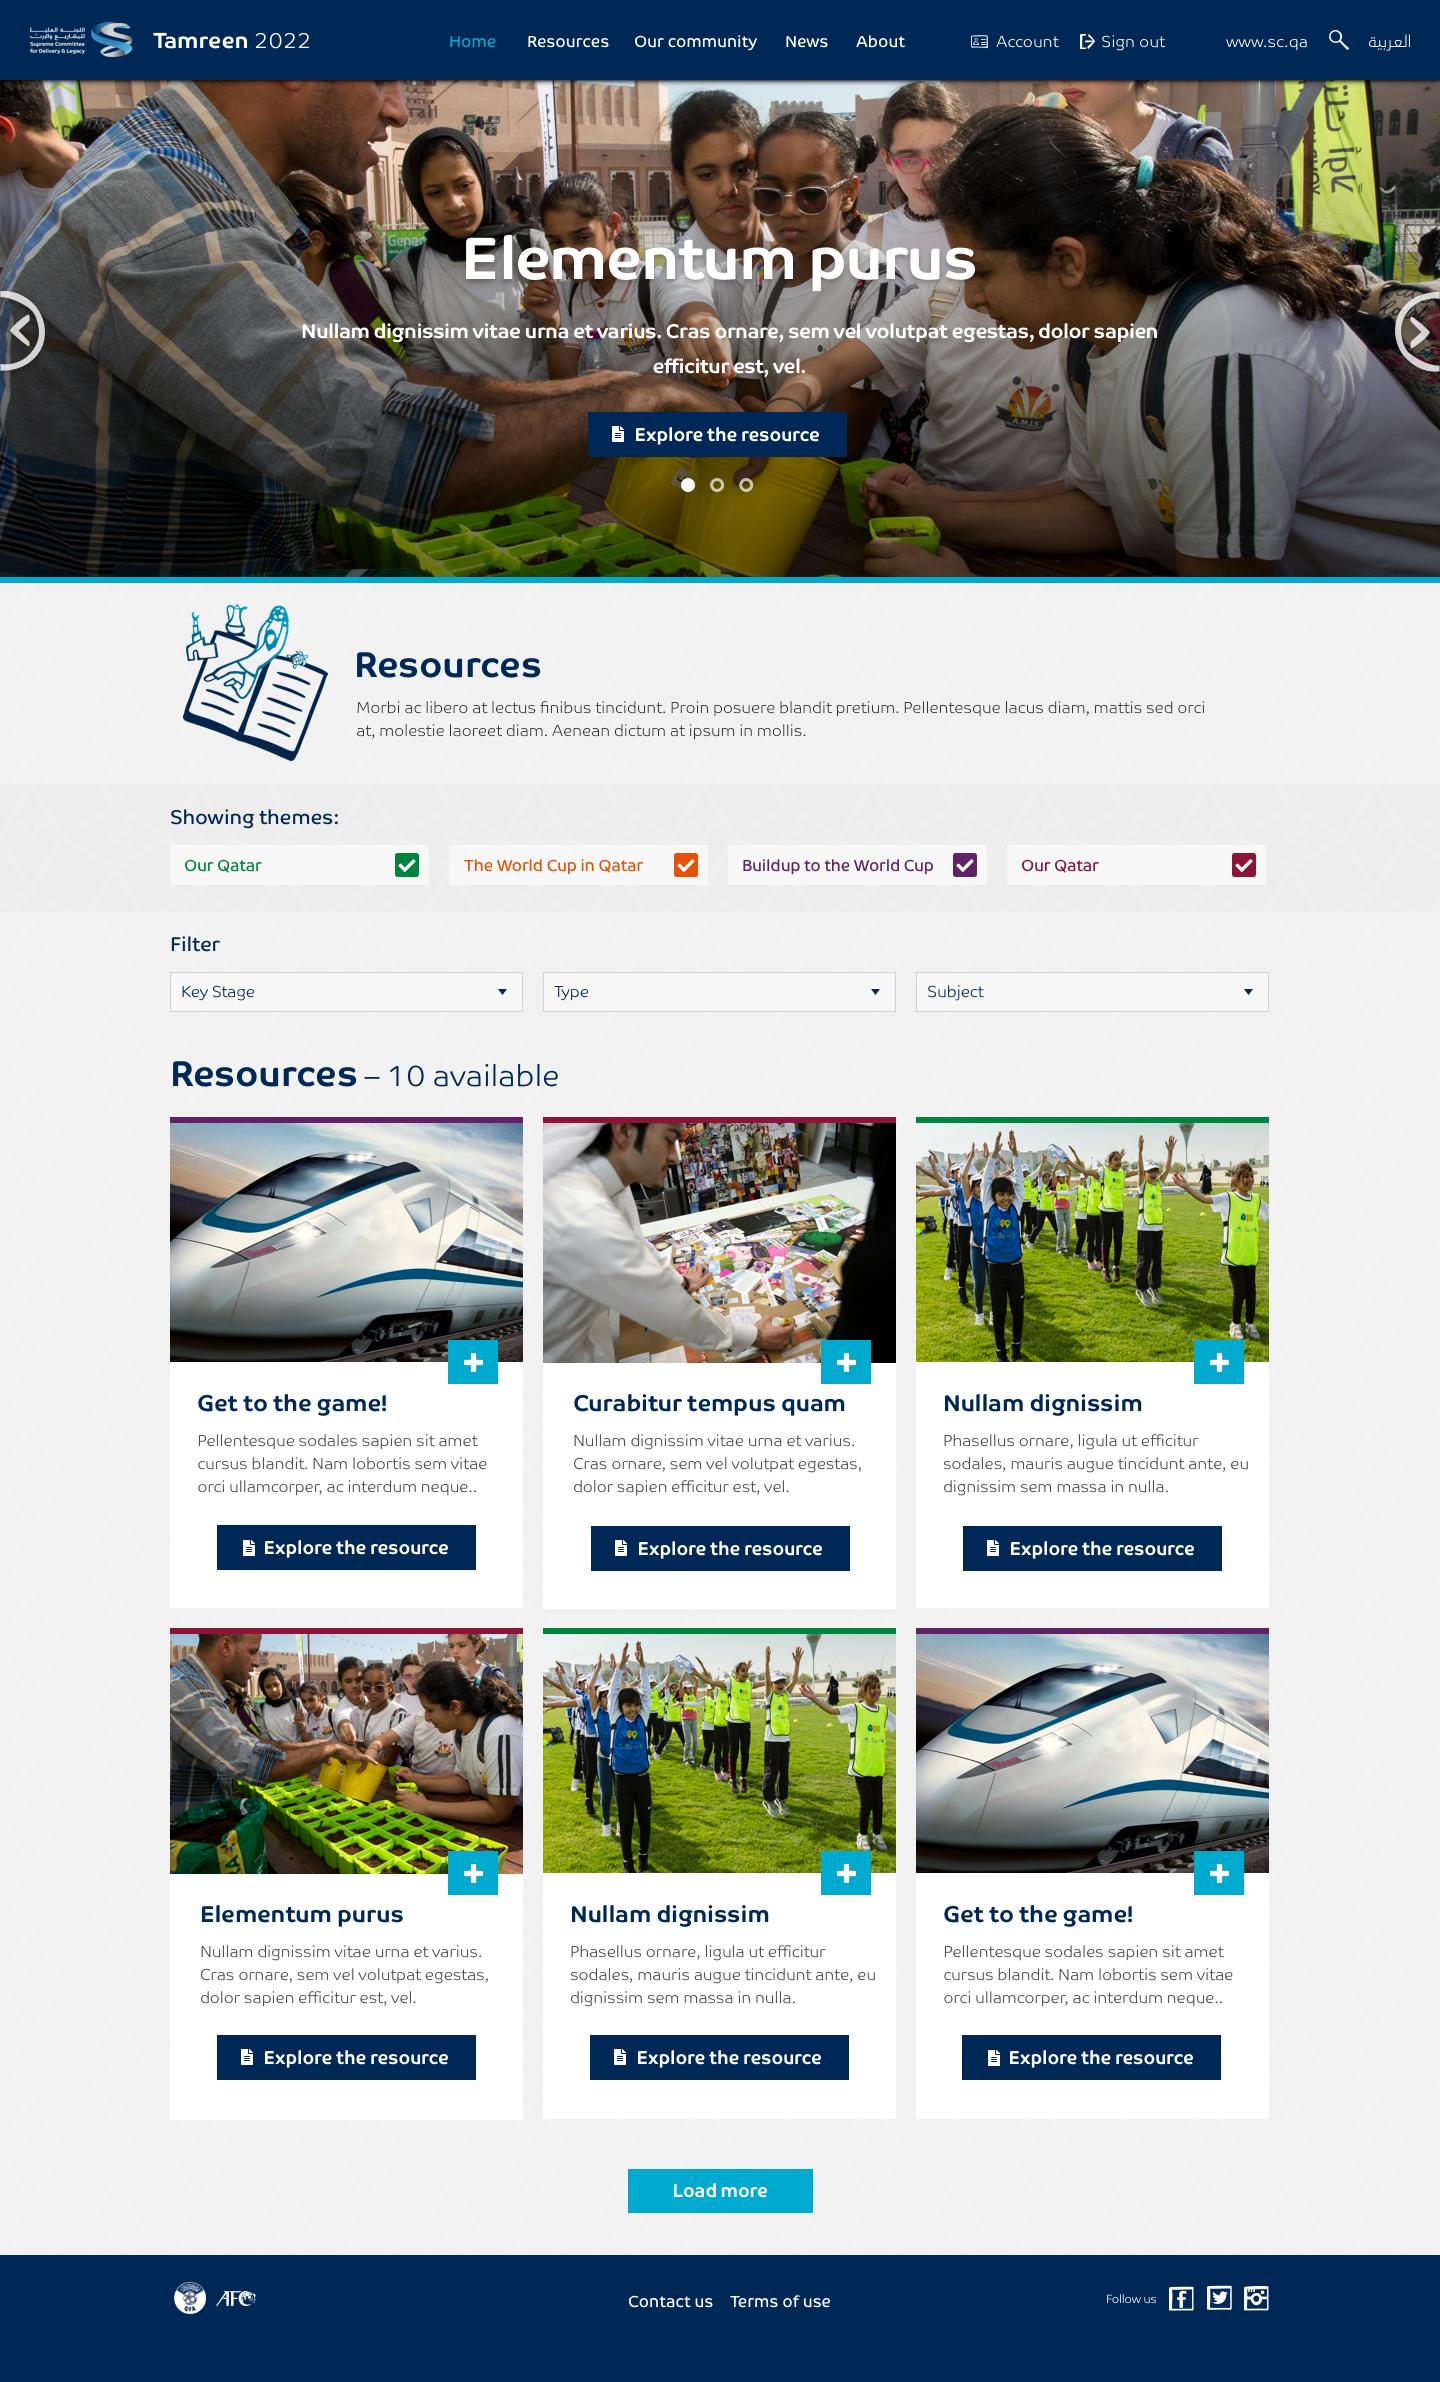 Tamreen 2022 – 2.0 Resources